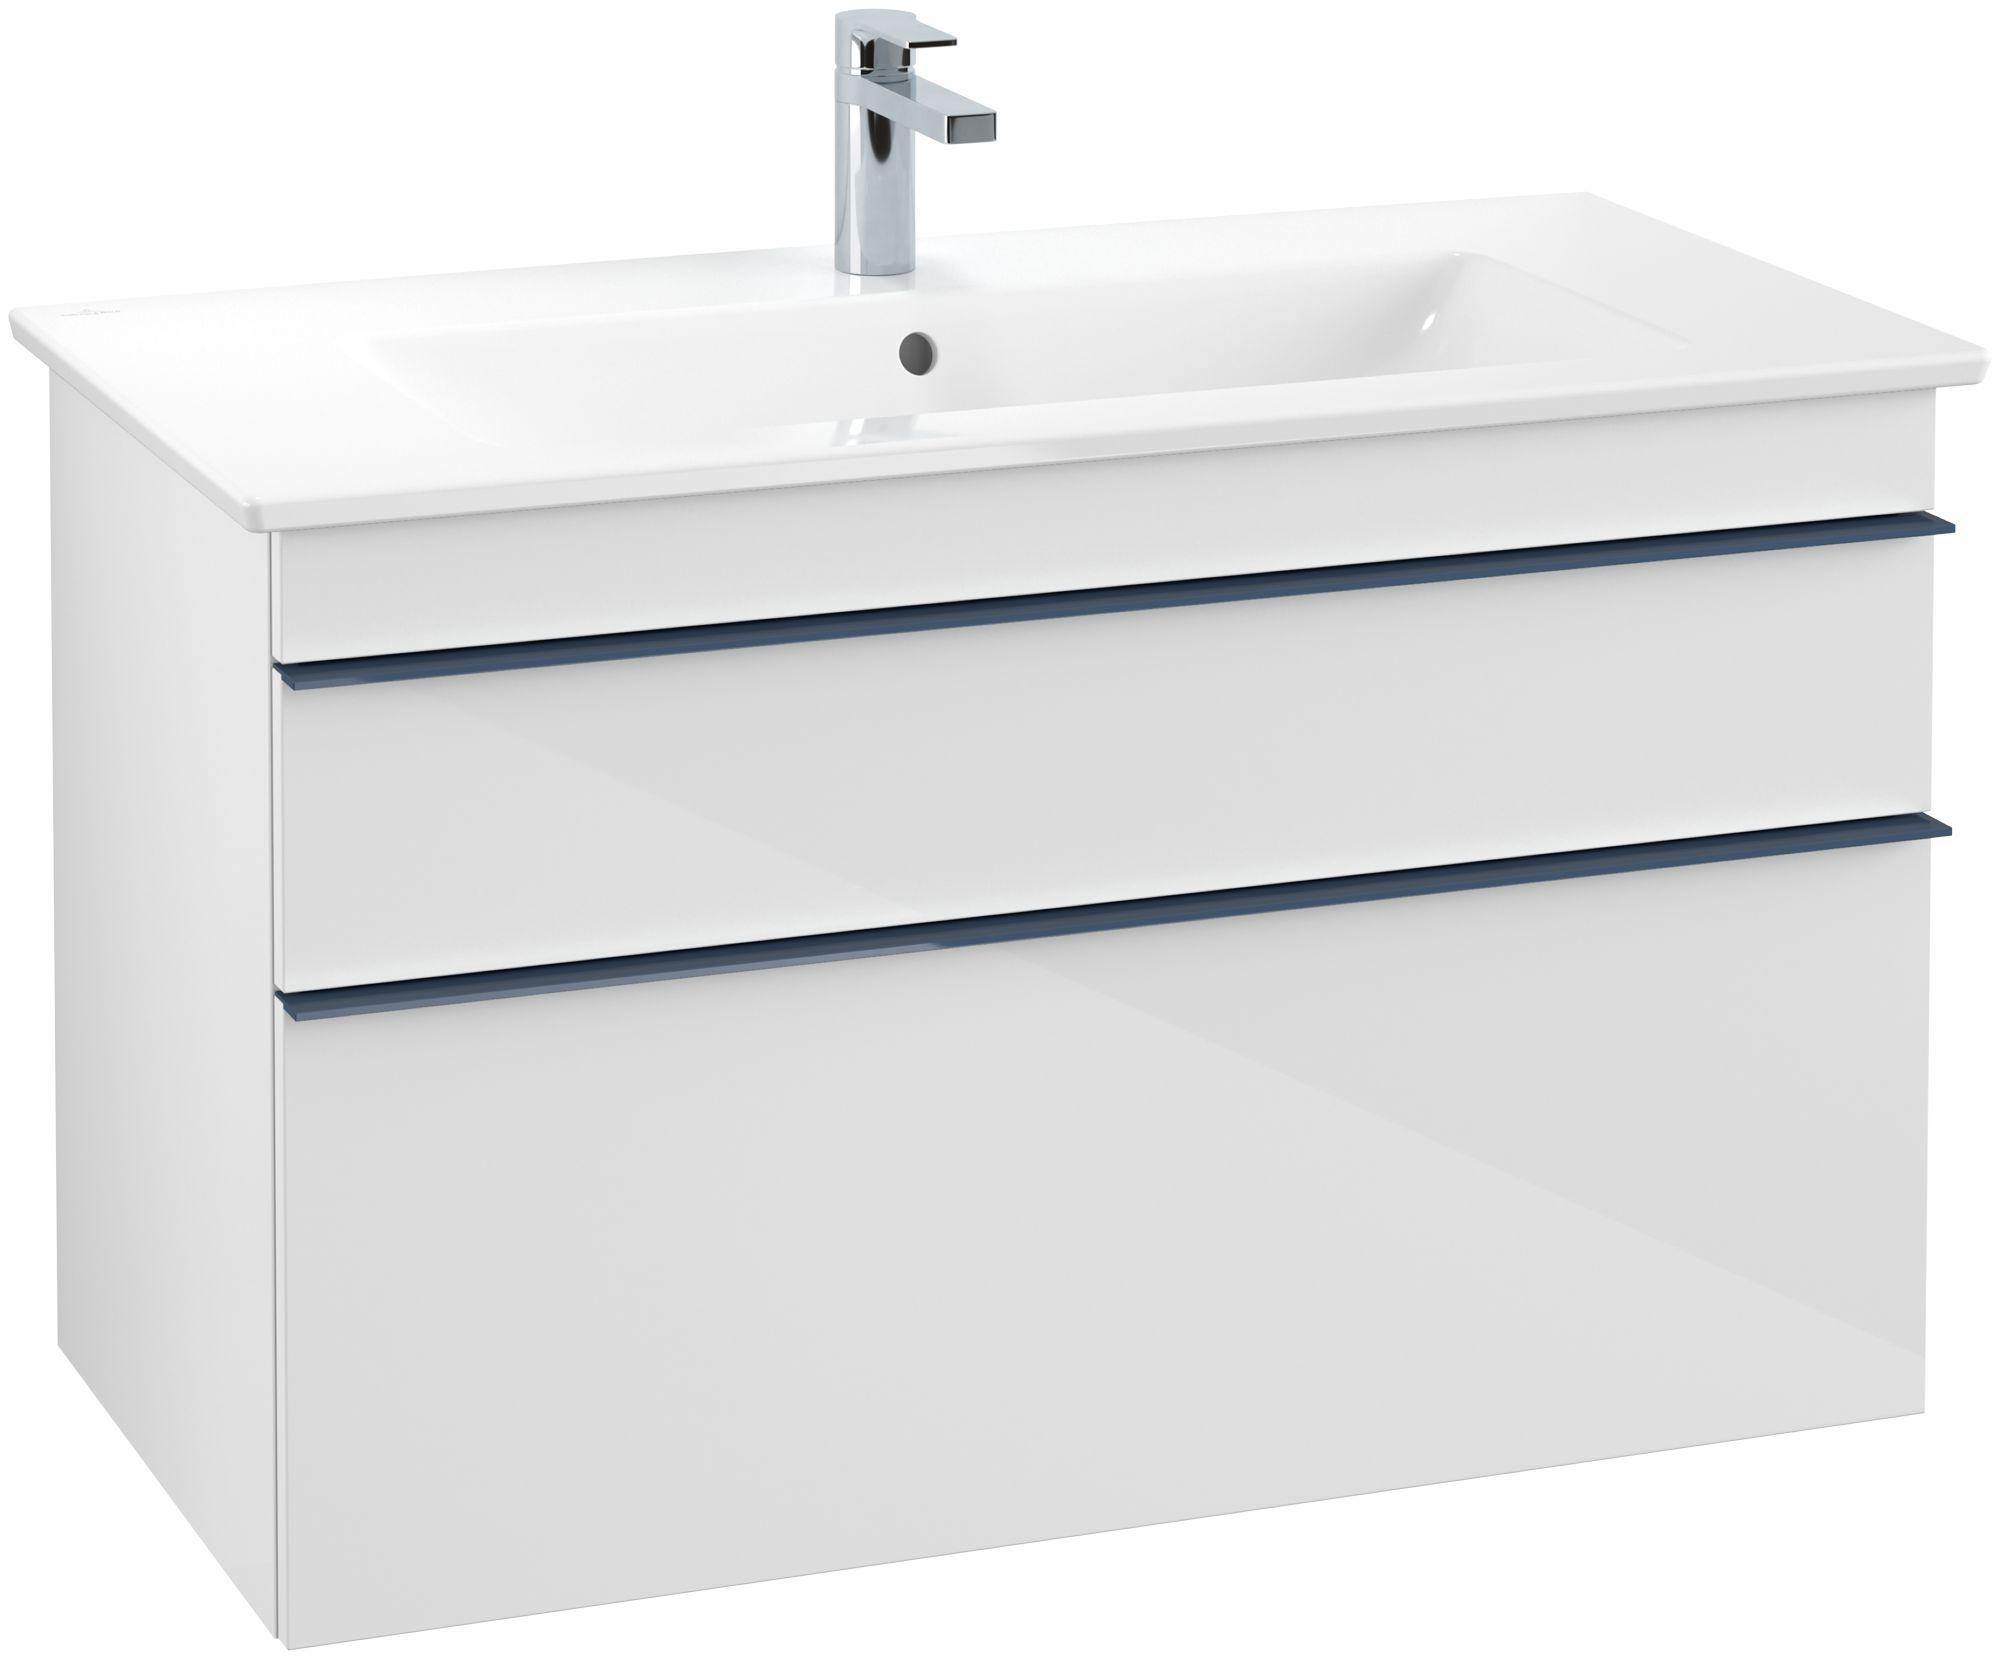 Villeroy & Boch Venticello Waschtischunterschrank 2 Auszüge B:953xT:502xH:590mm glossy weiß Griffe blau A92604DH